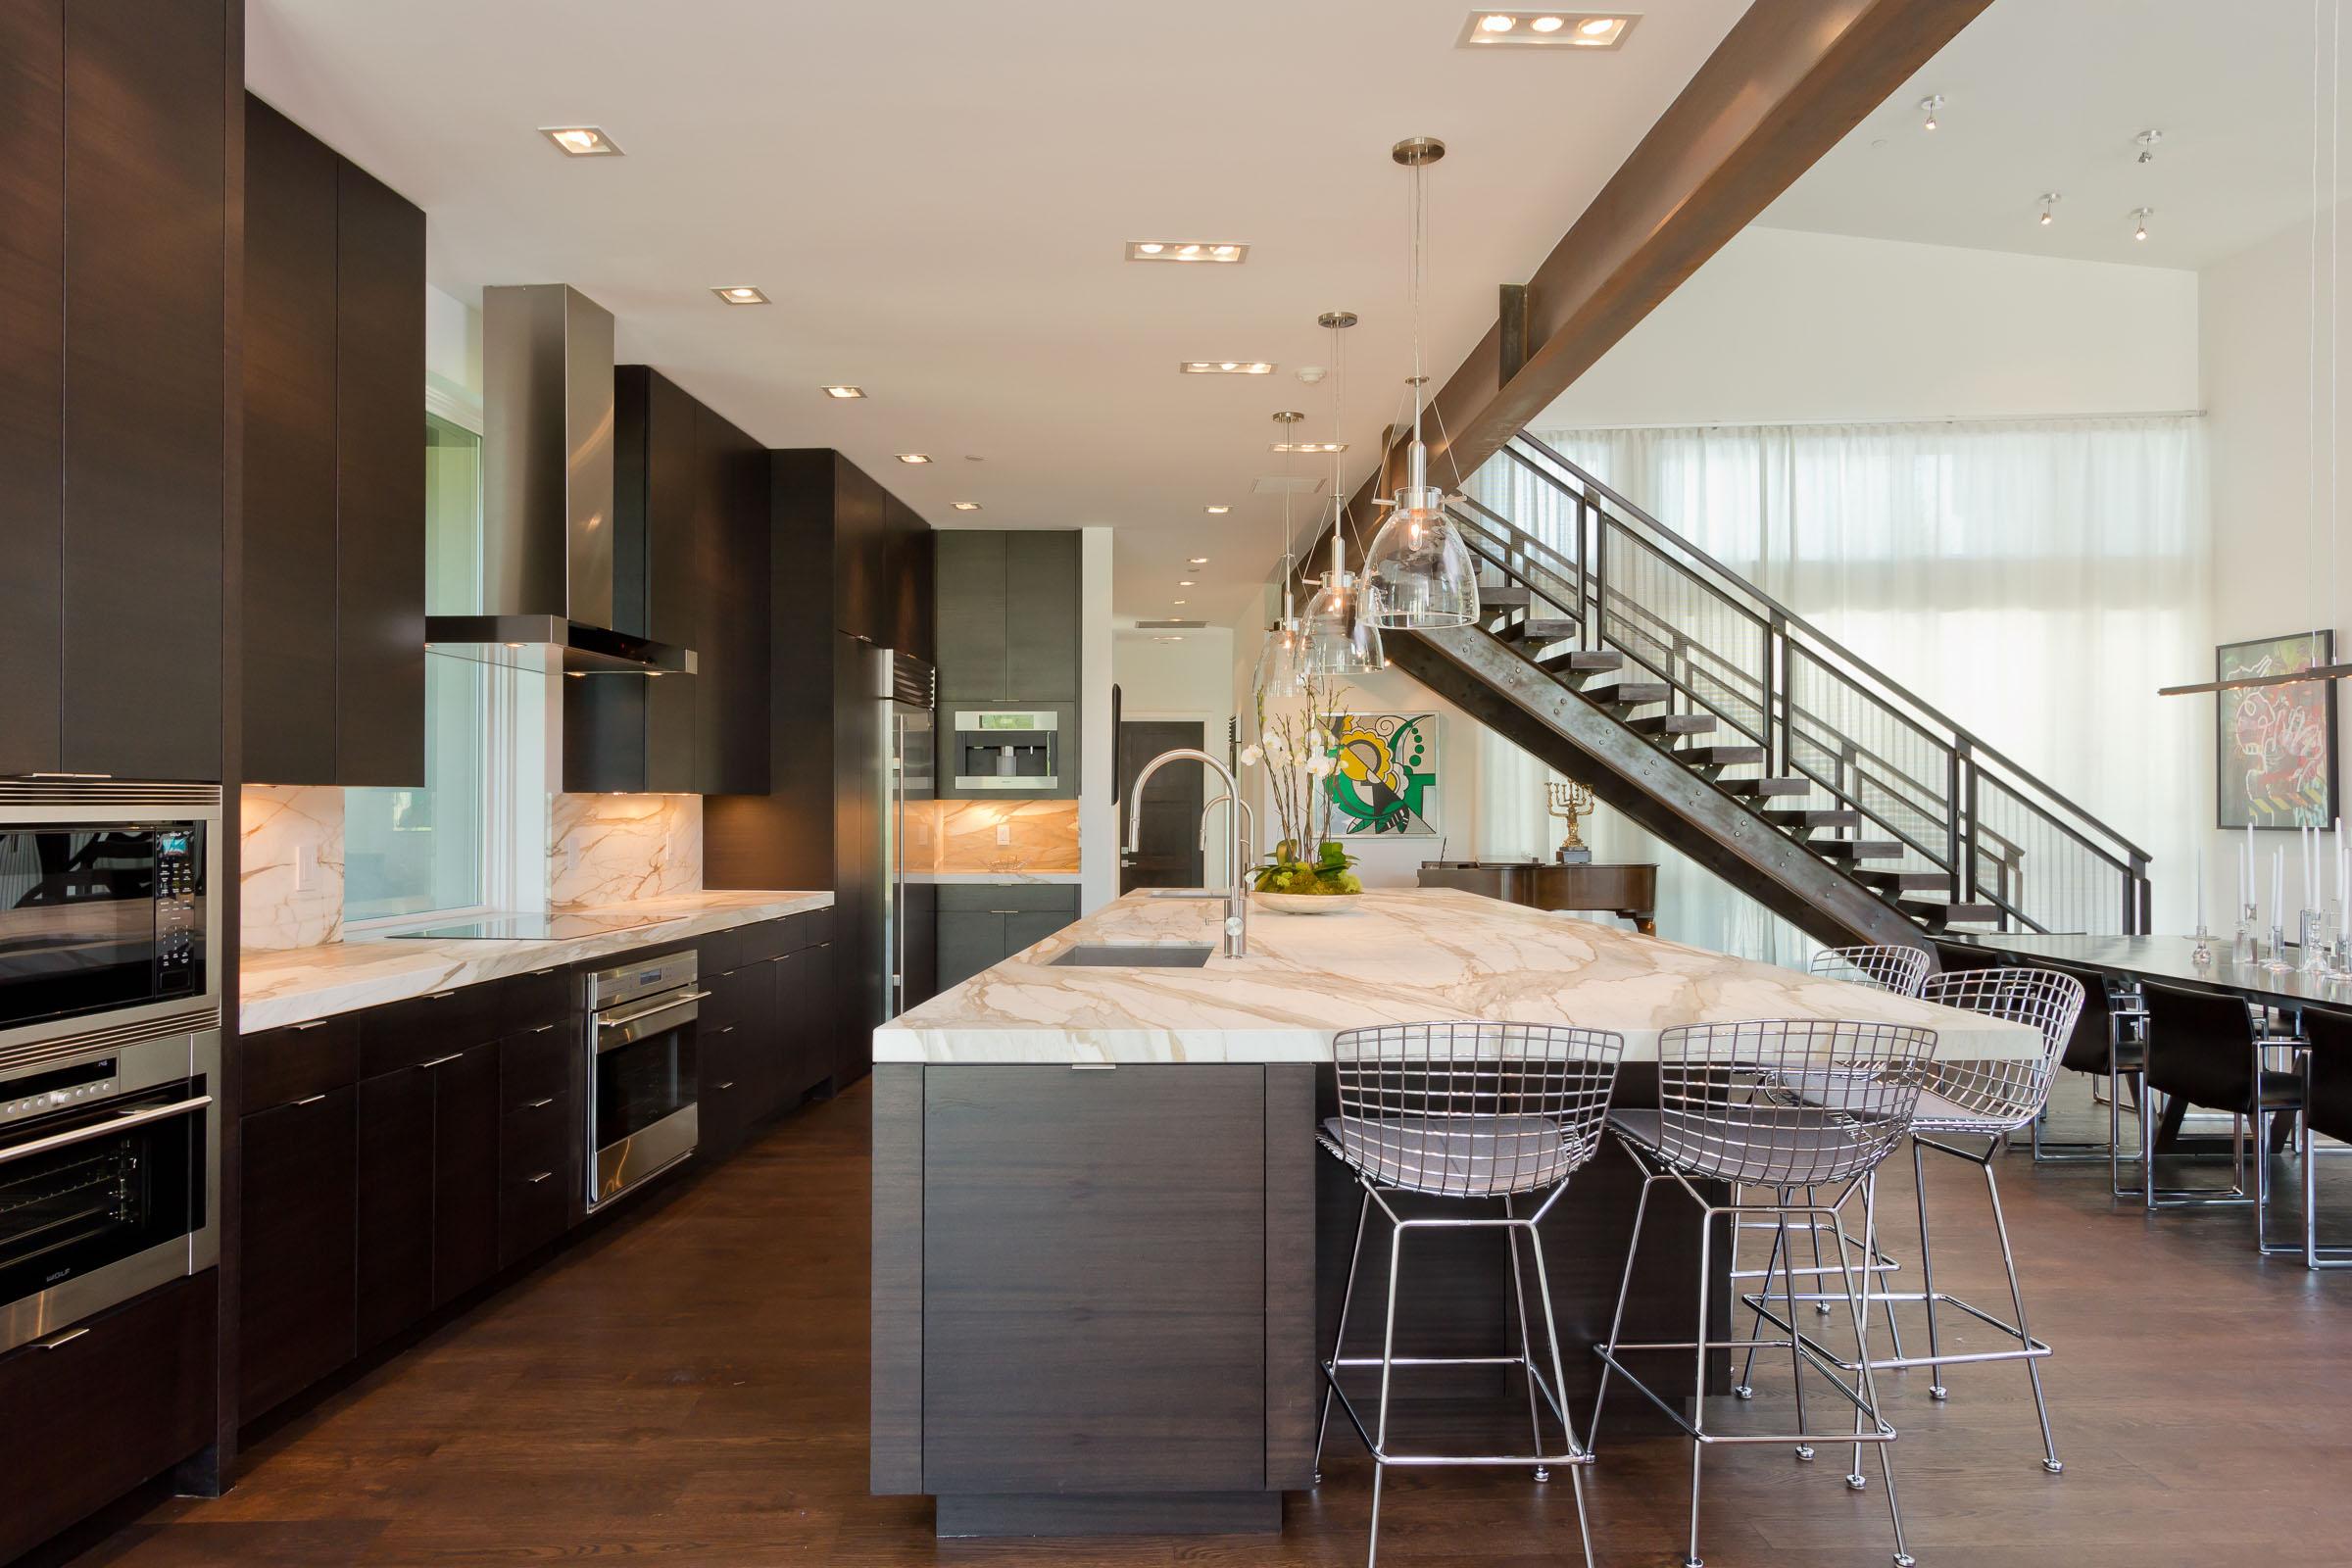 jaffa-group-modern-kitchen-peppertree-cabinets